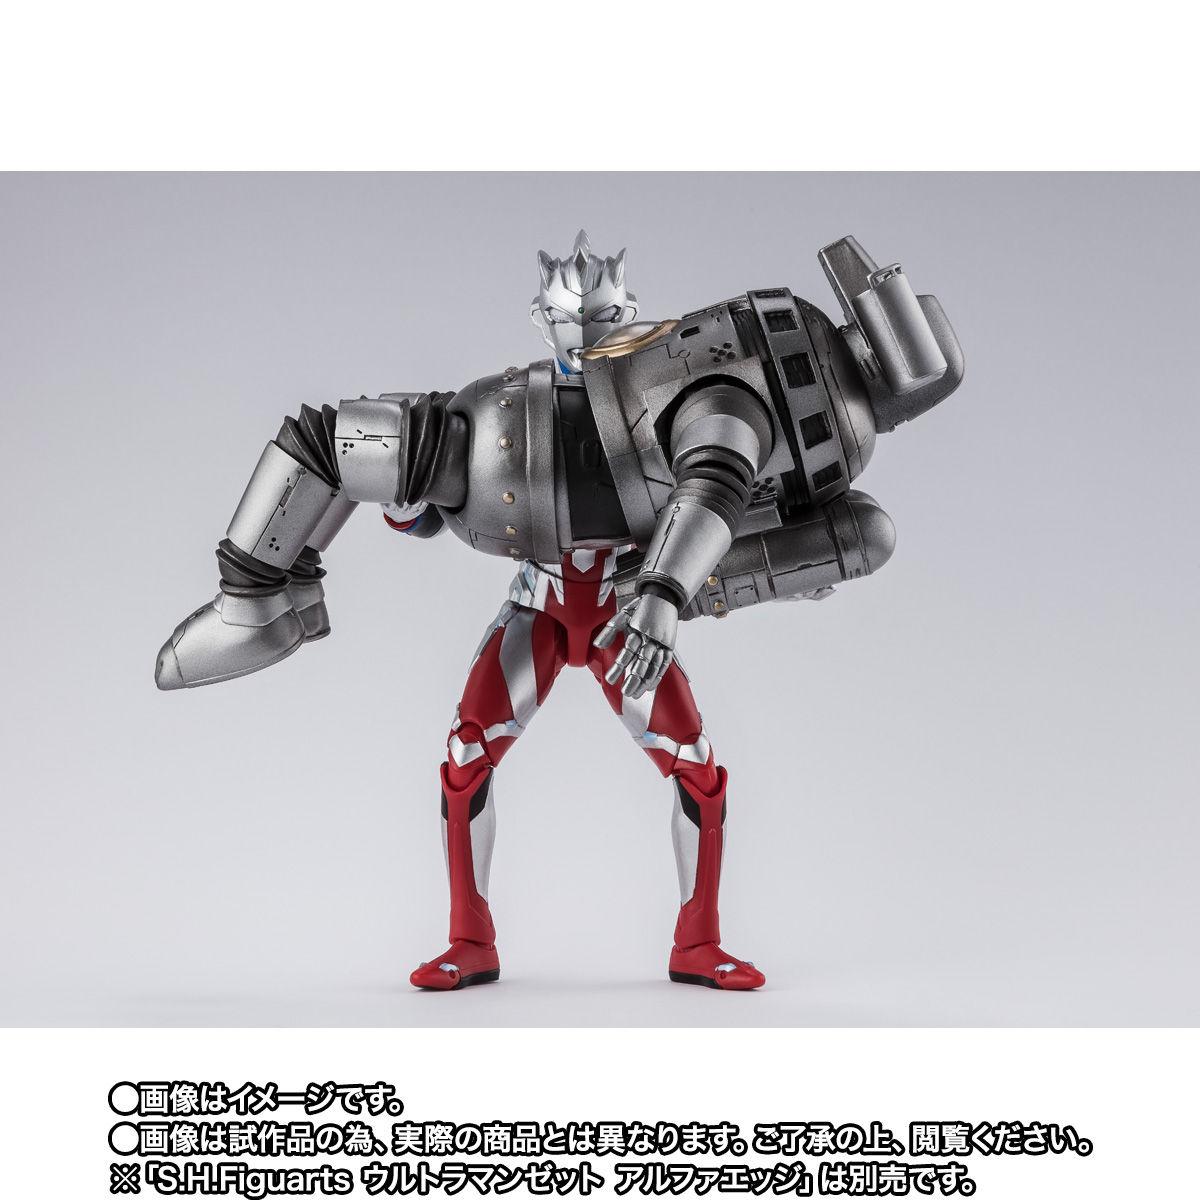 【限定販売】S.H.Figuarts『対怪獣特殊空挺機甲1号機 セブンガー』ウルトラマンZ 可動フィギュア-006